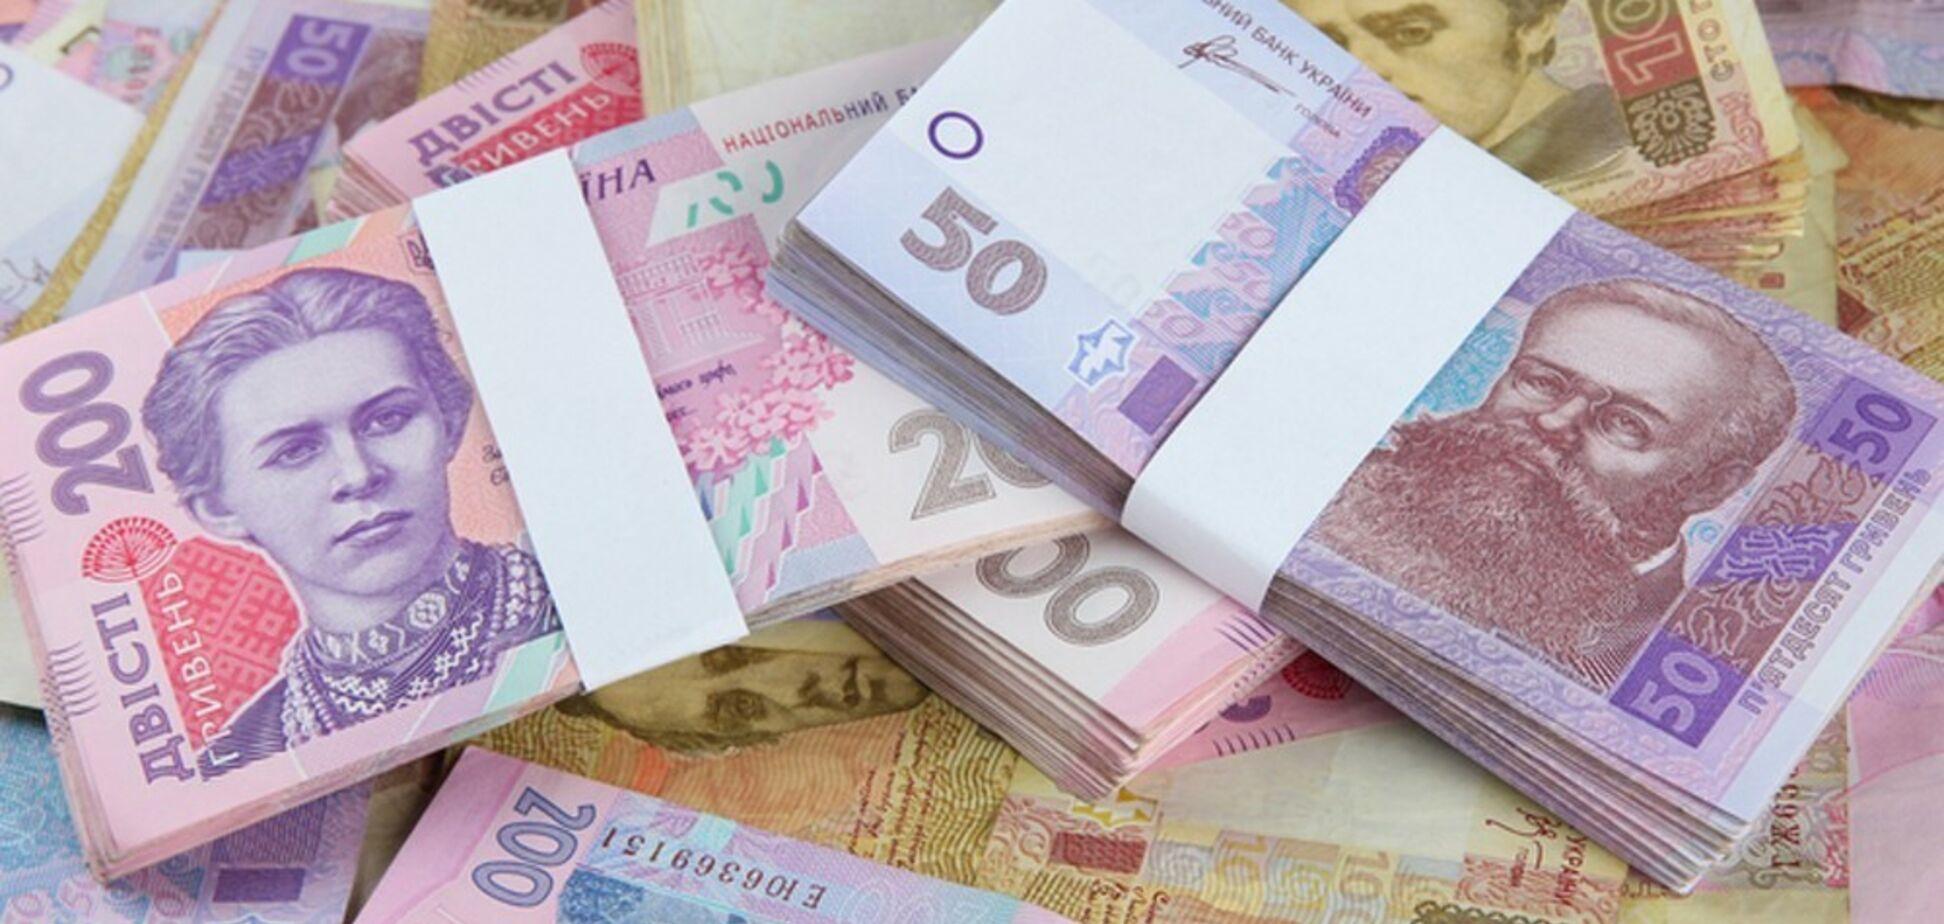 У Зеленського обмежили винагороду за доноси: деталі законопроекту